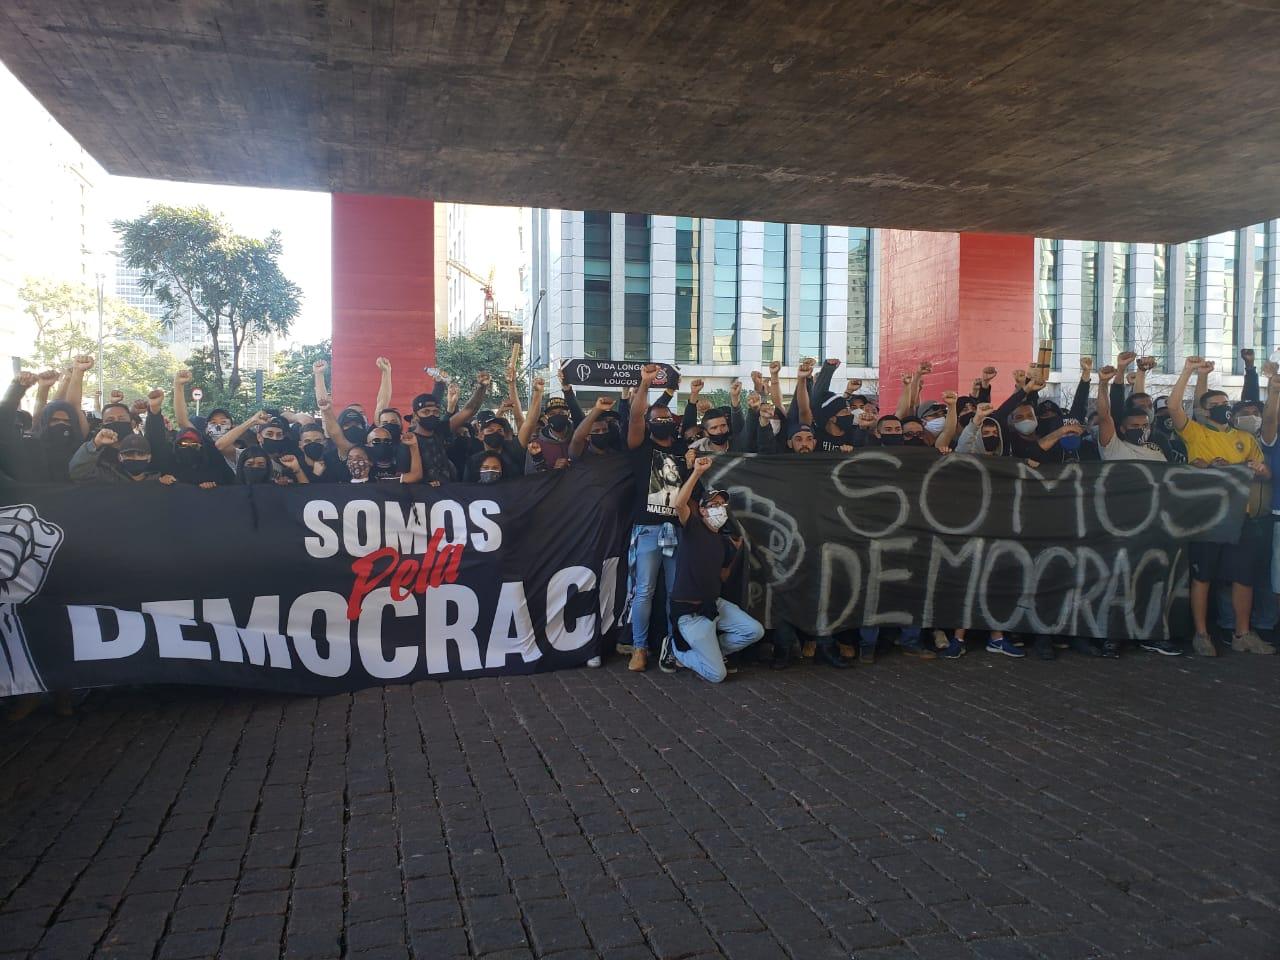 Ato reuniu centenas de pessoas na Av. Paulista (31) em prol de justiça e pela democracia